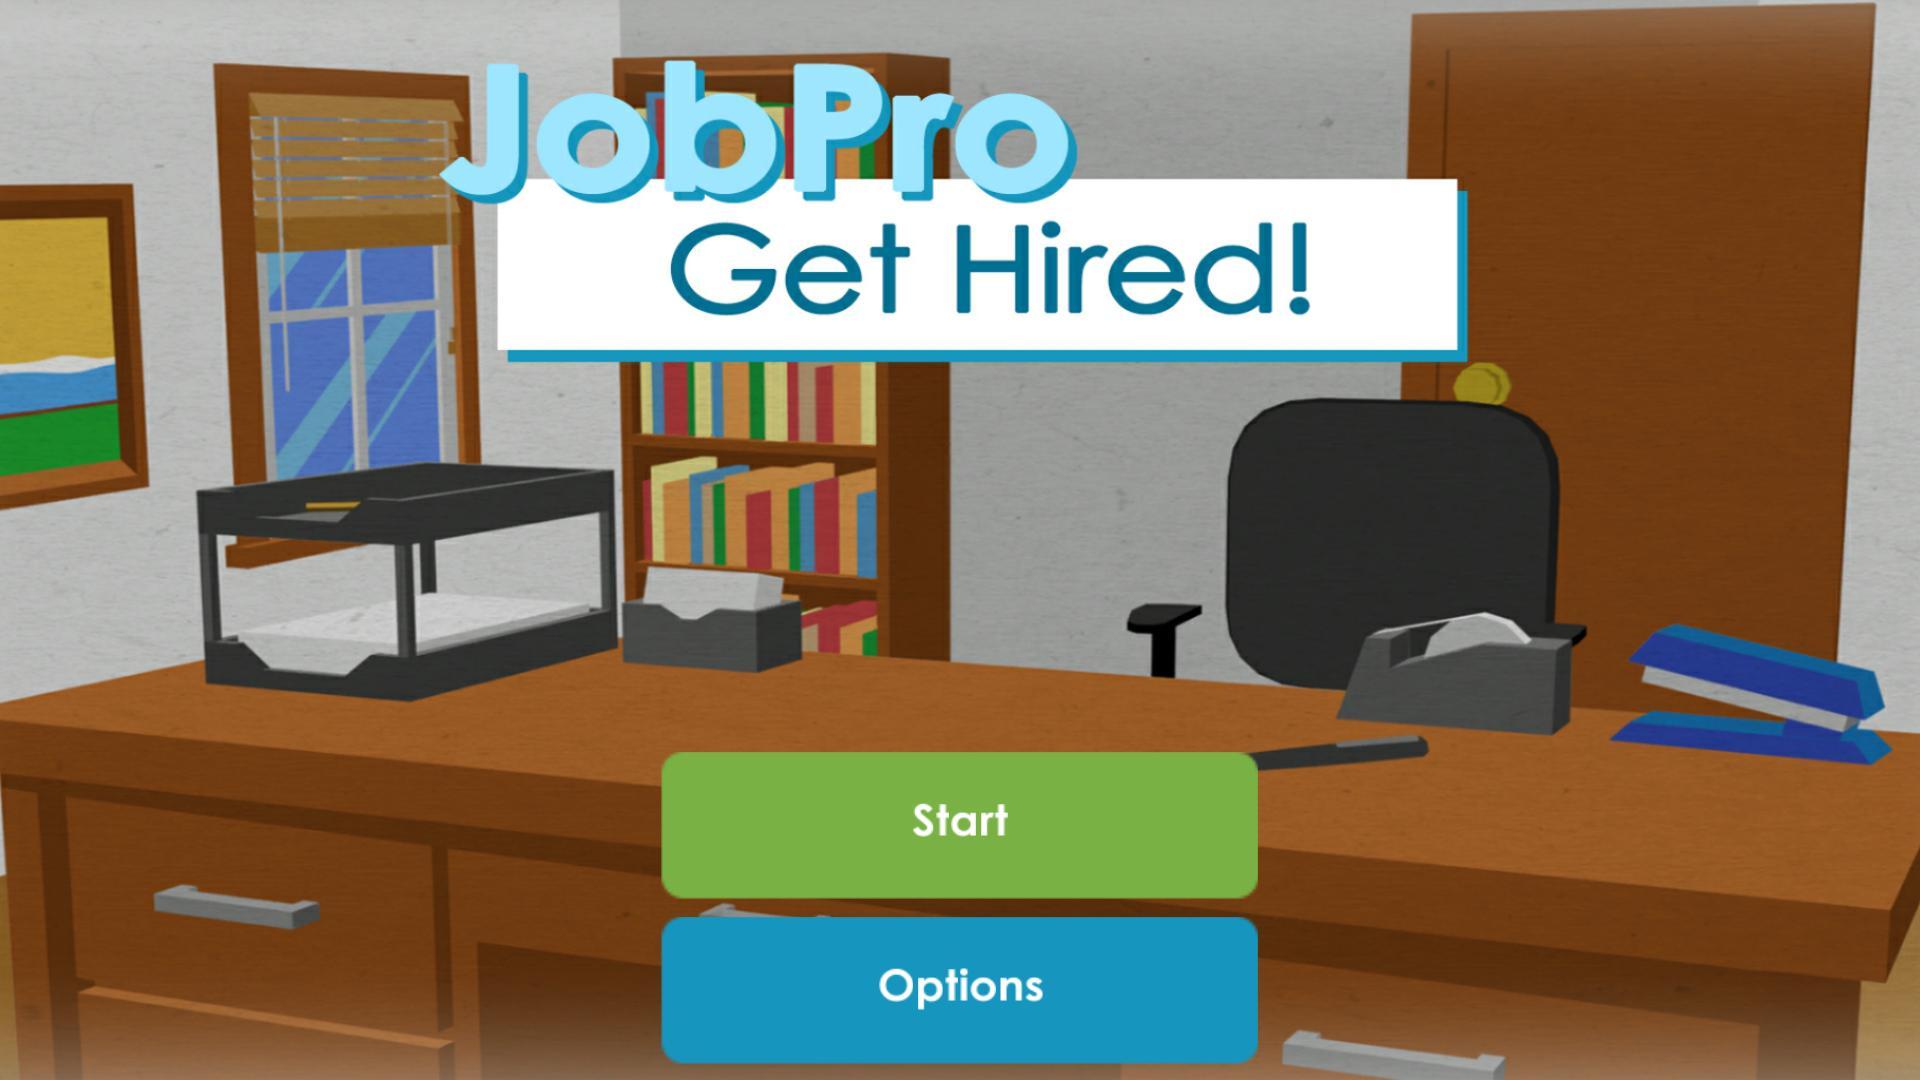 JobPro: Get Hired! 1.5 Screenshot 1